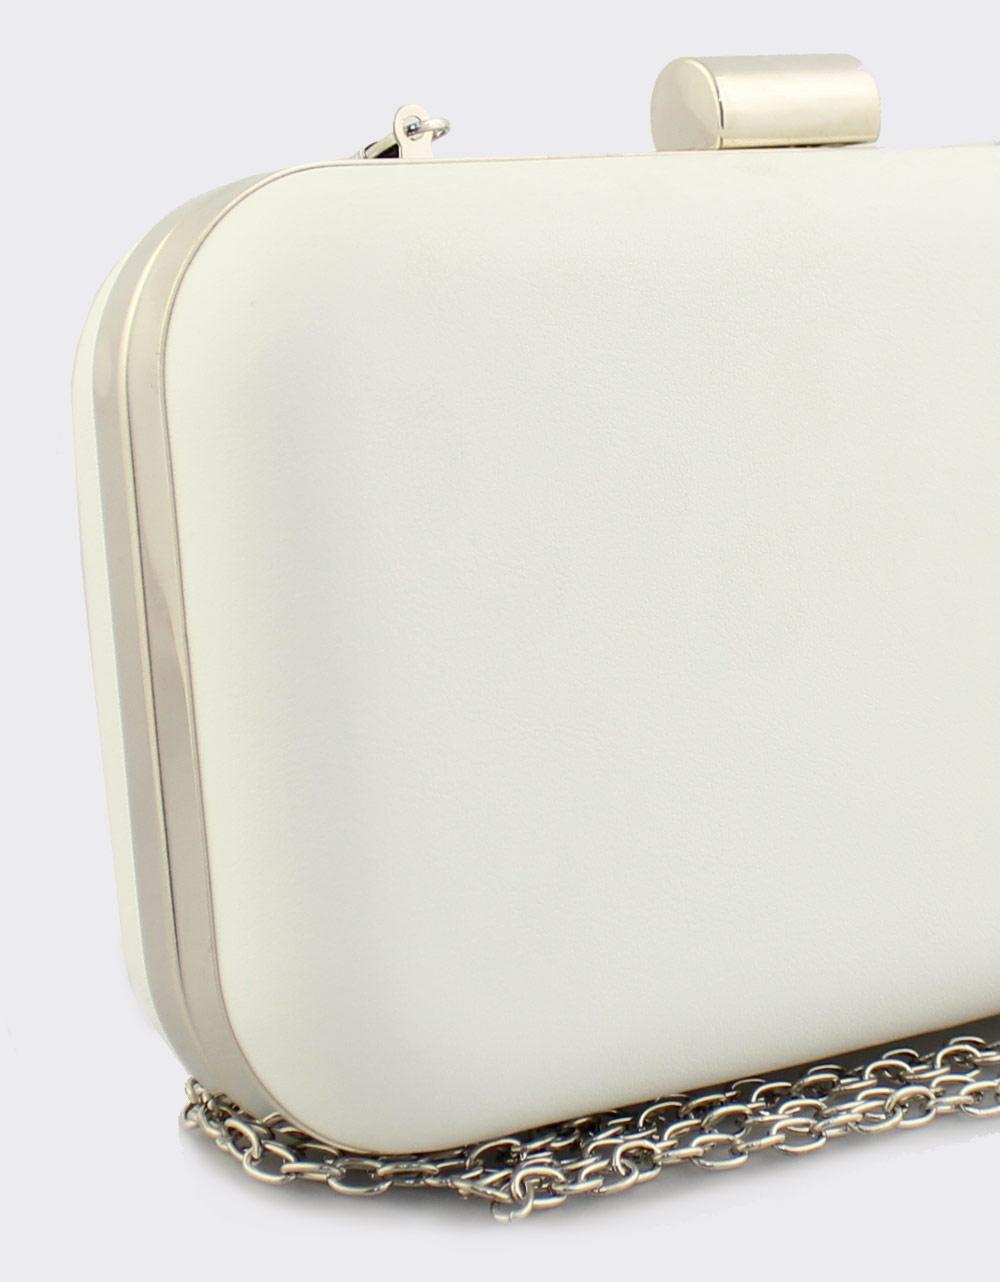 Εικόνα από Γυναικείοι φάκελοι clutch μονόχρωμοι Λευκό